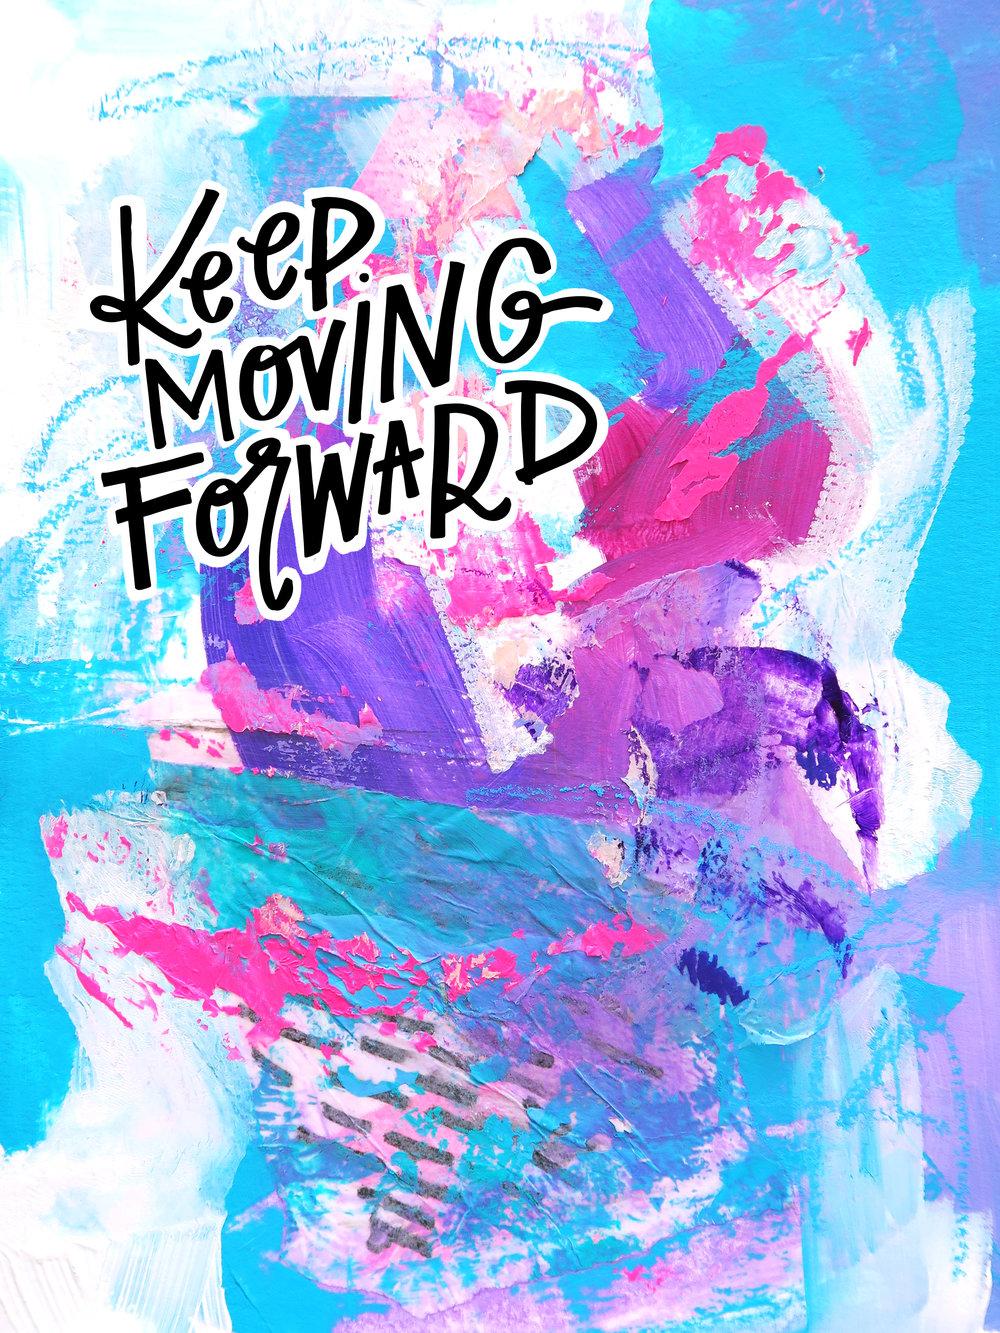 7/25/16: Forward